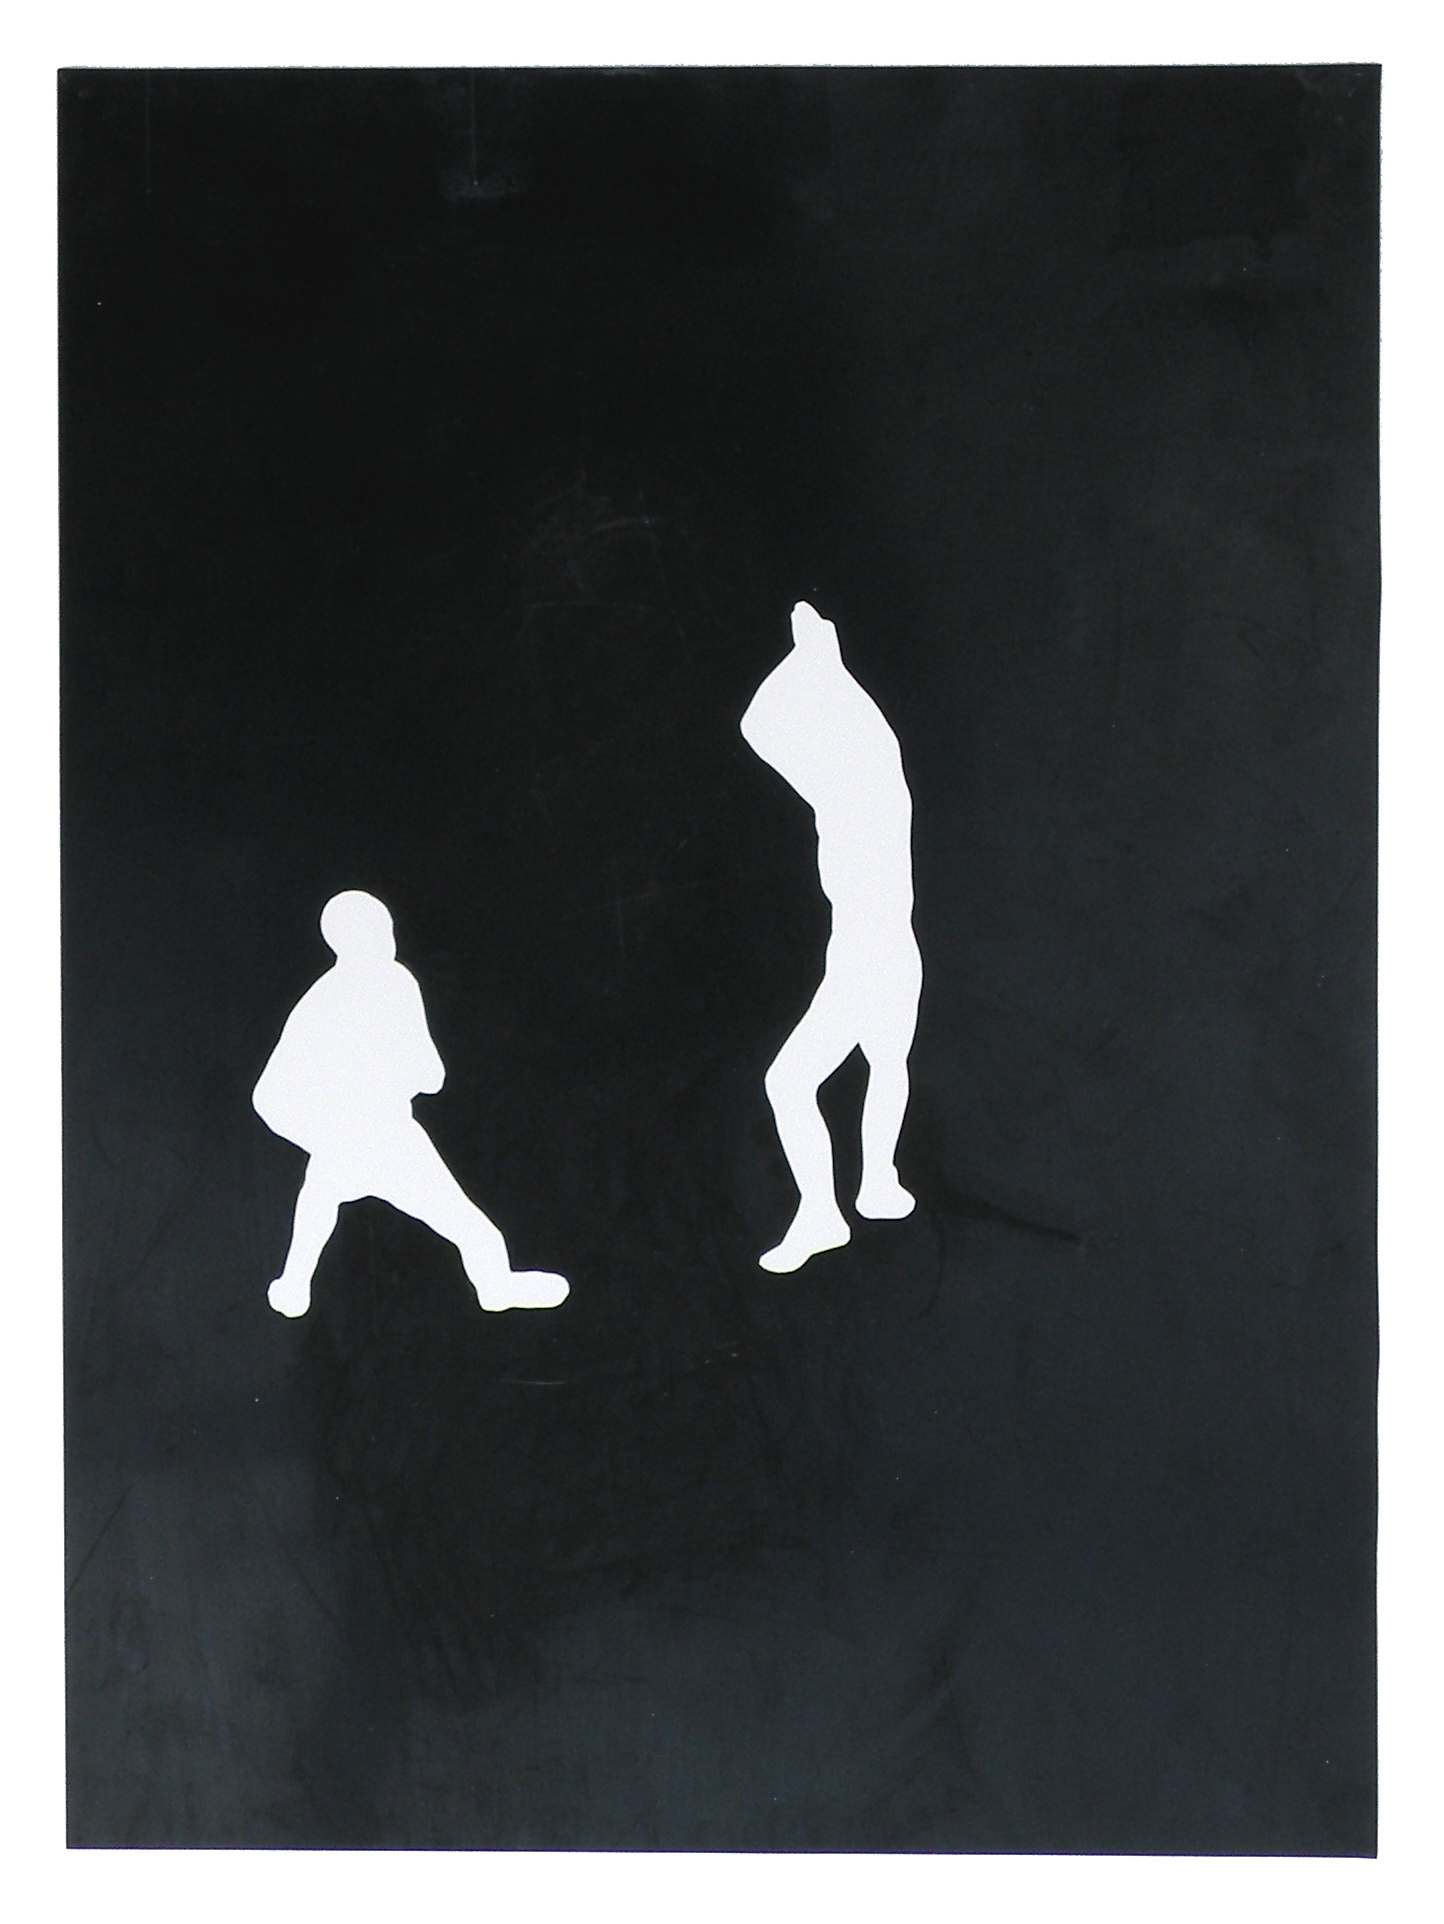 two men kneeling / standing